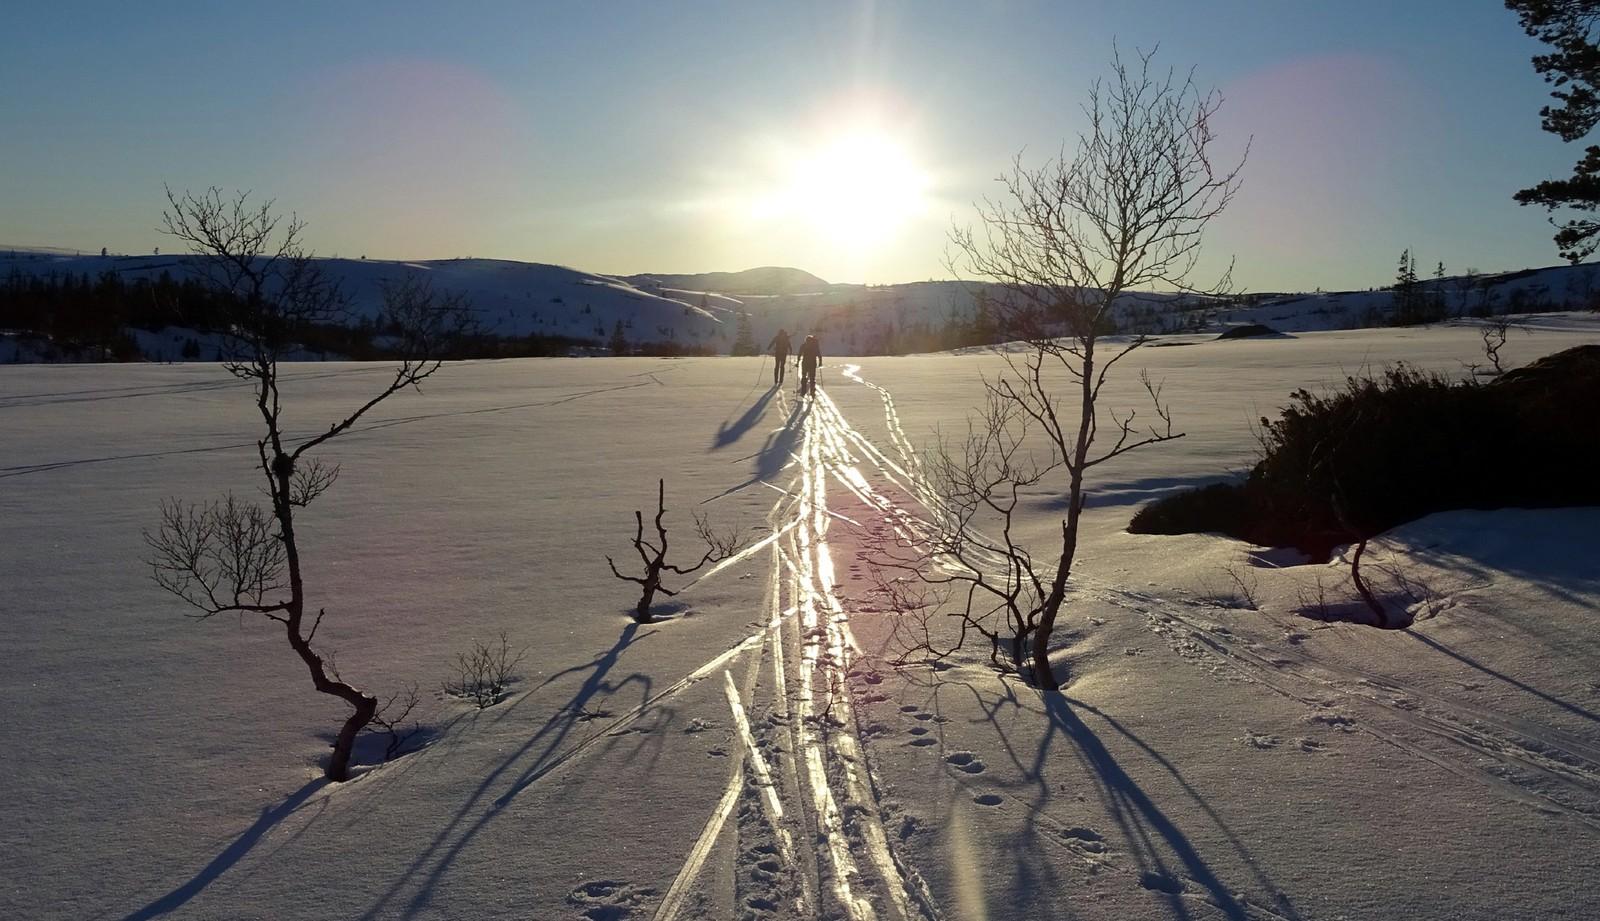 På vei hjem - Vulusjøen, Levanger